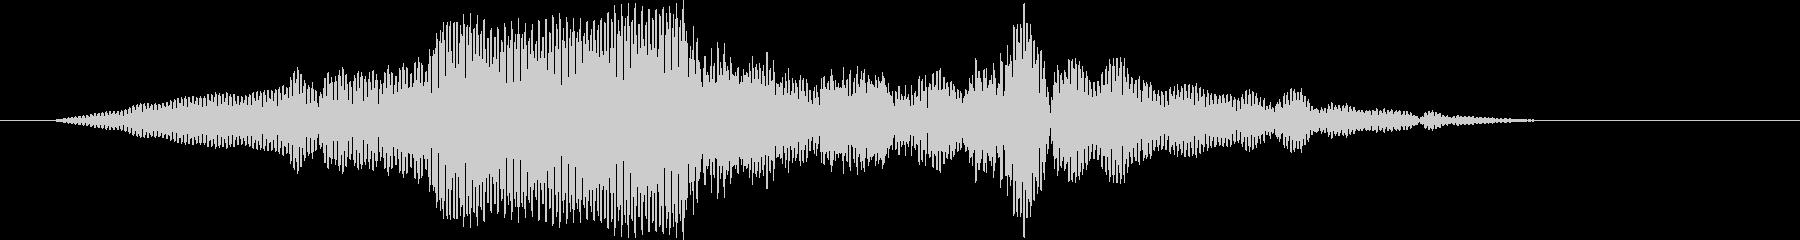 クイックフリーズローエンドランブル2の未再生の波形